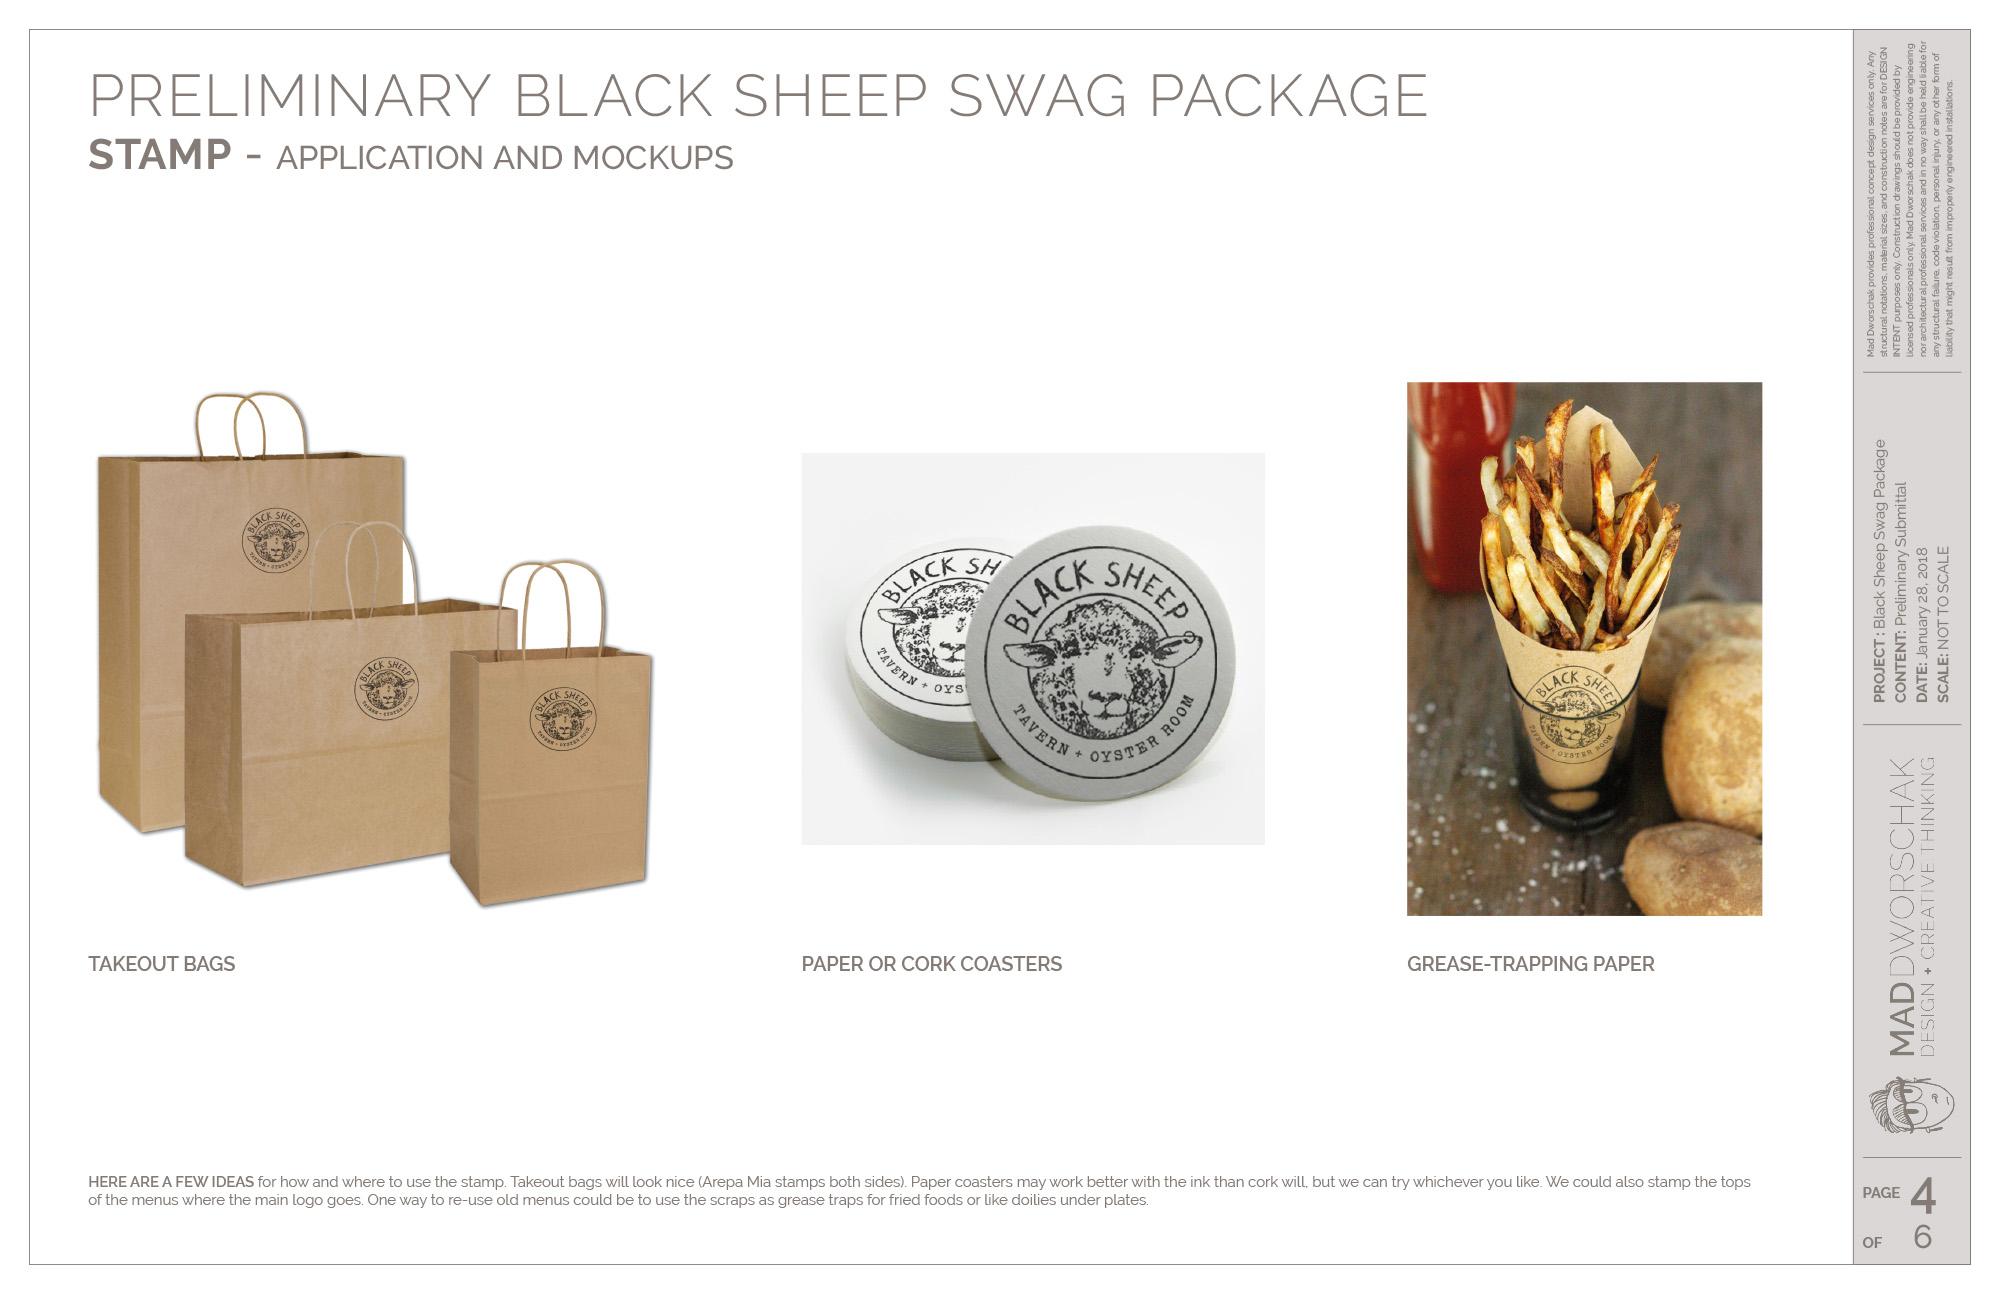 BST_Swag_Presentation_stamp-application.jpg